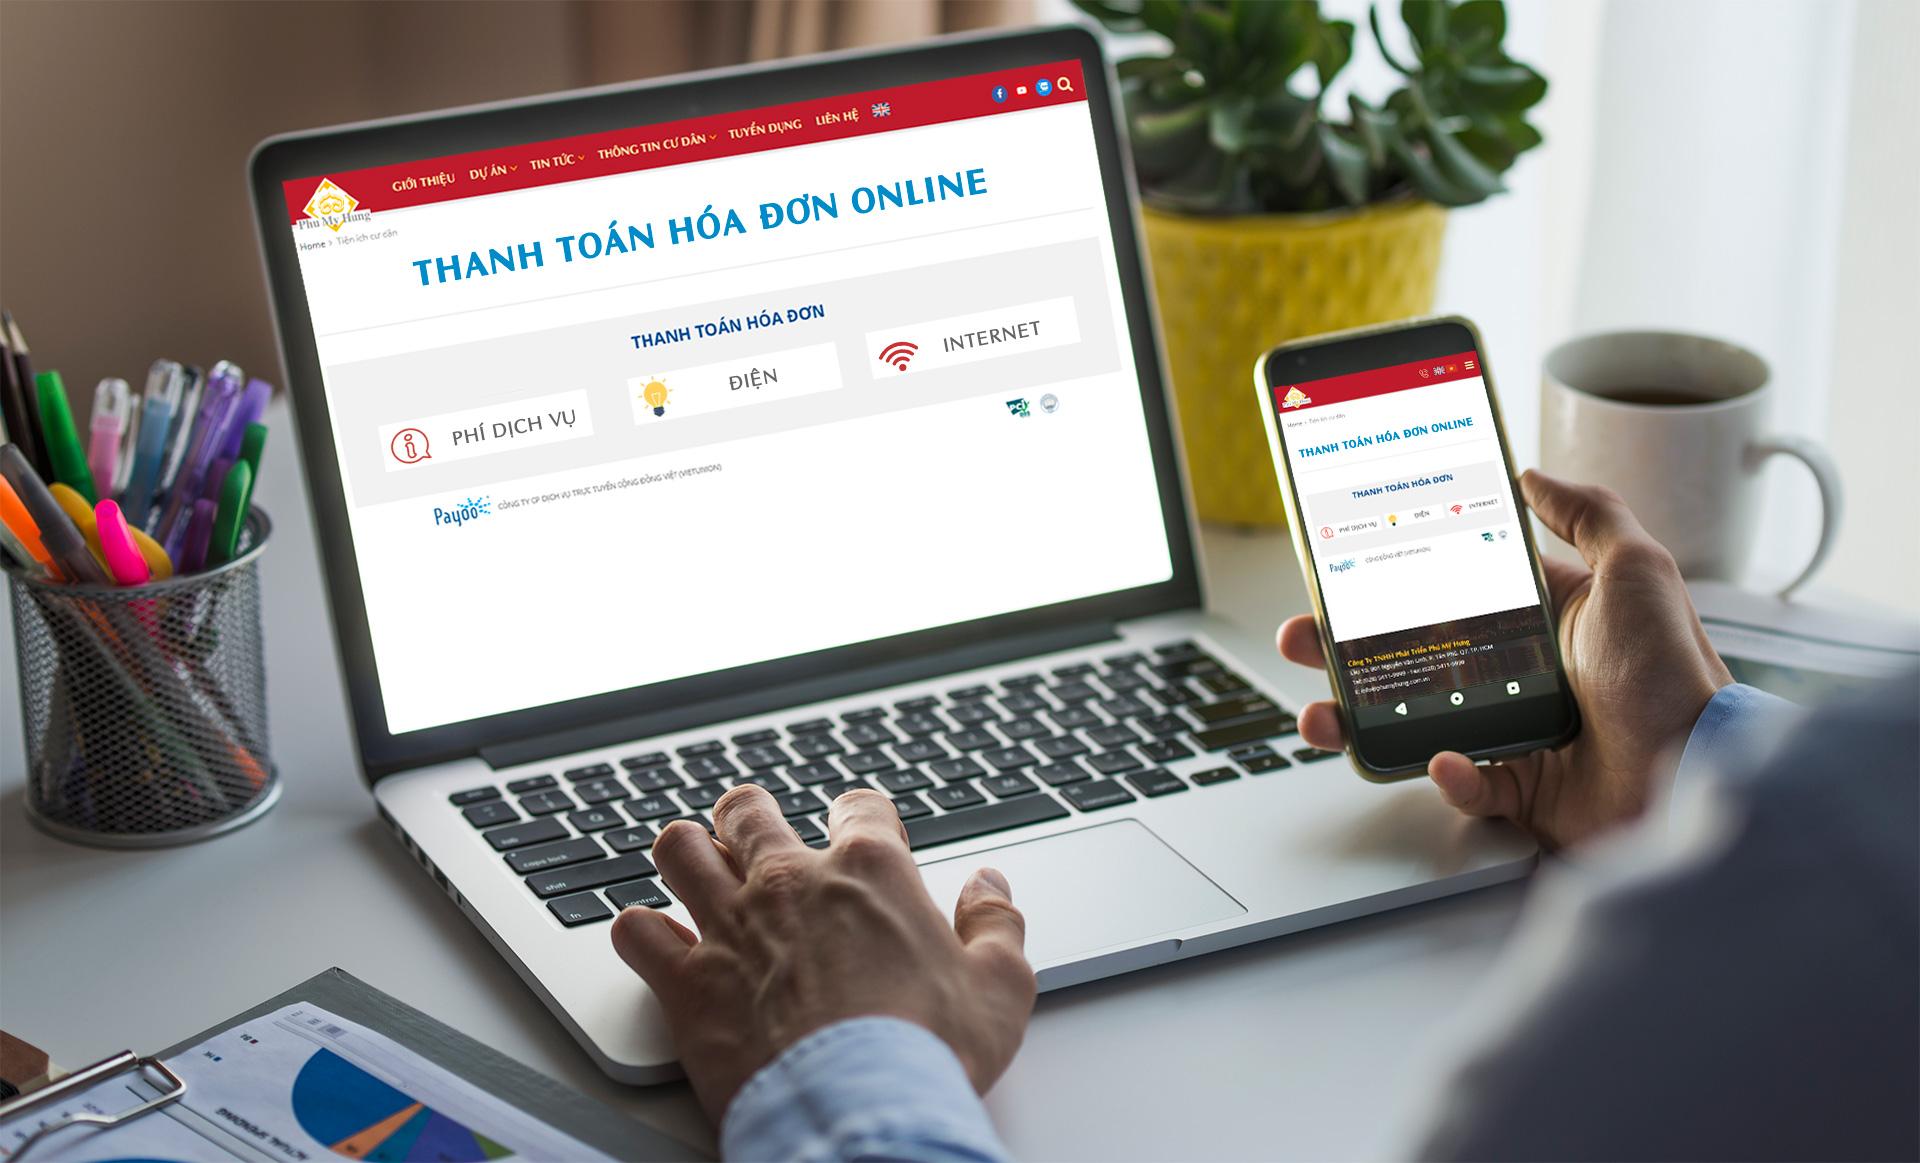 Hướng dẫn thanh toán phí dịch vụ Phú Mỹ Hưng